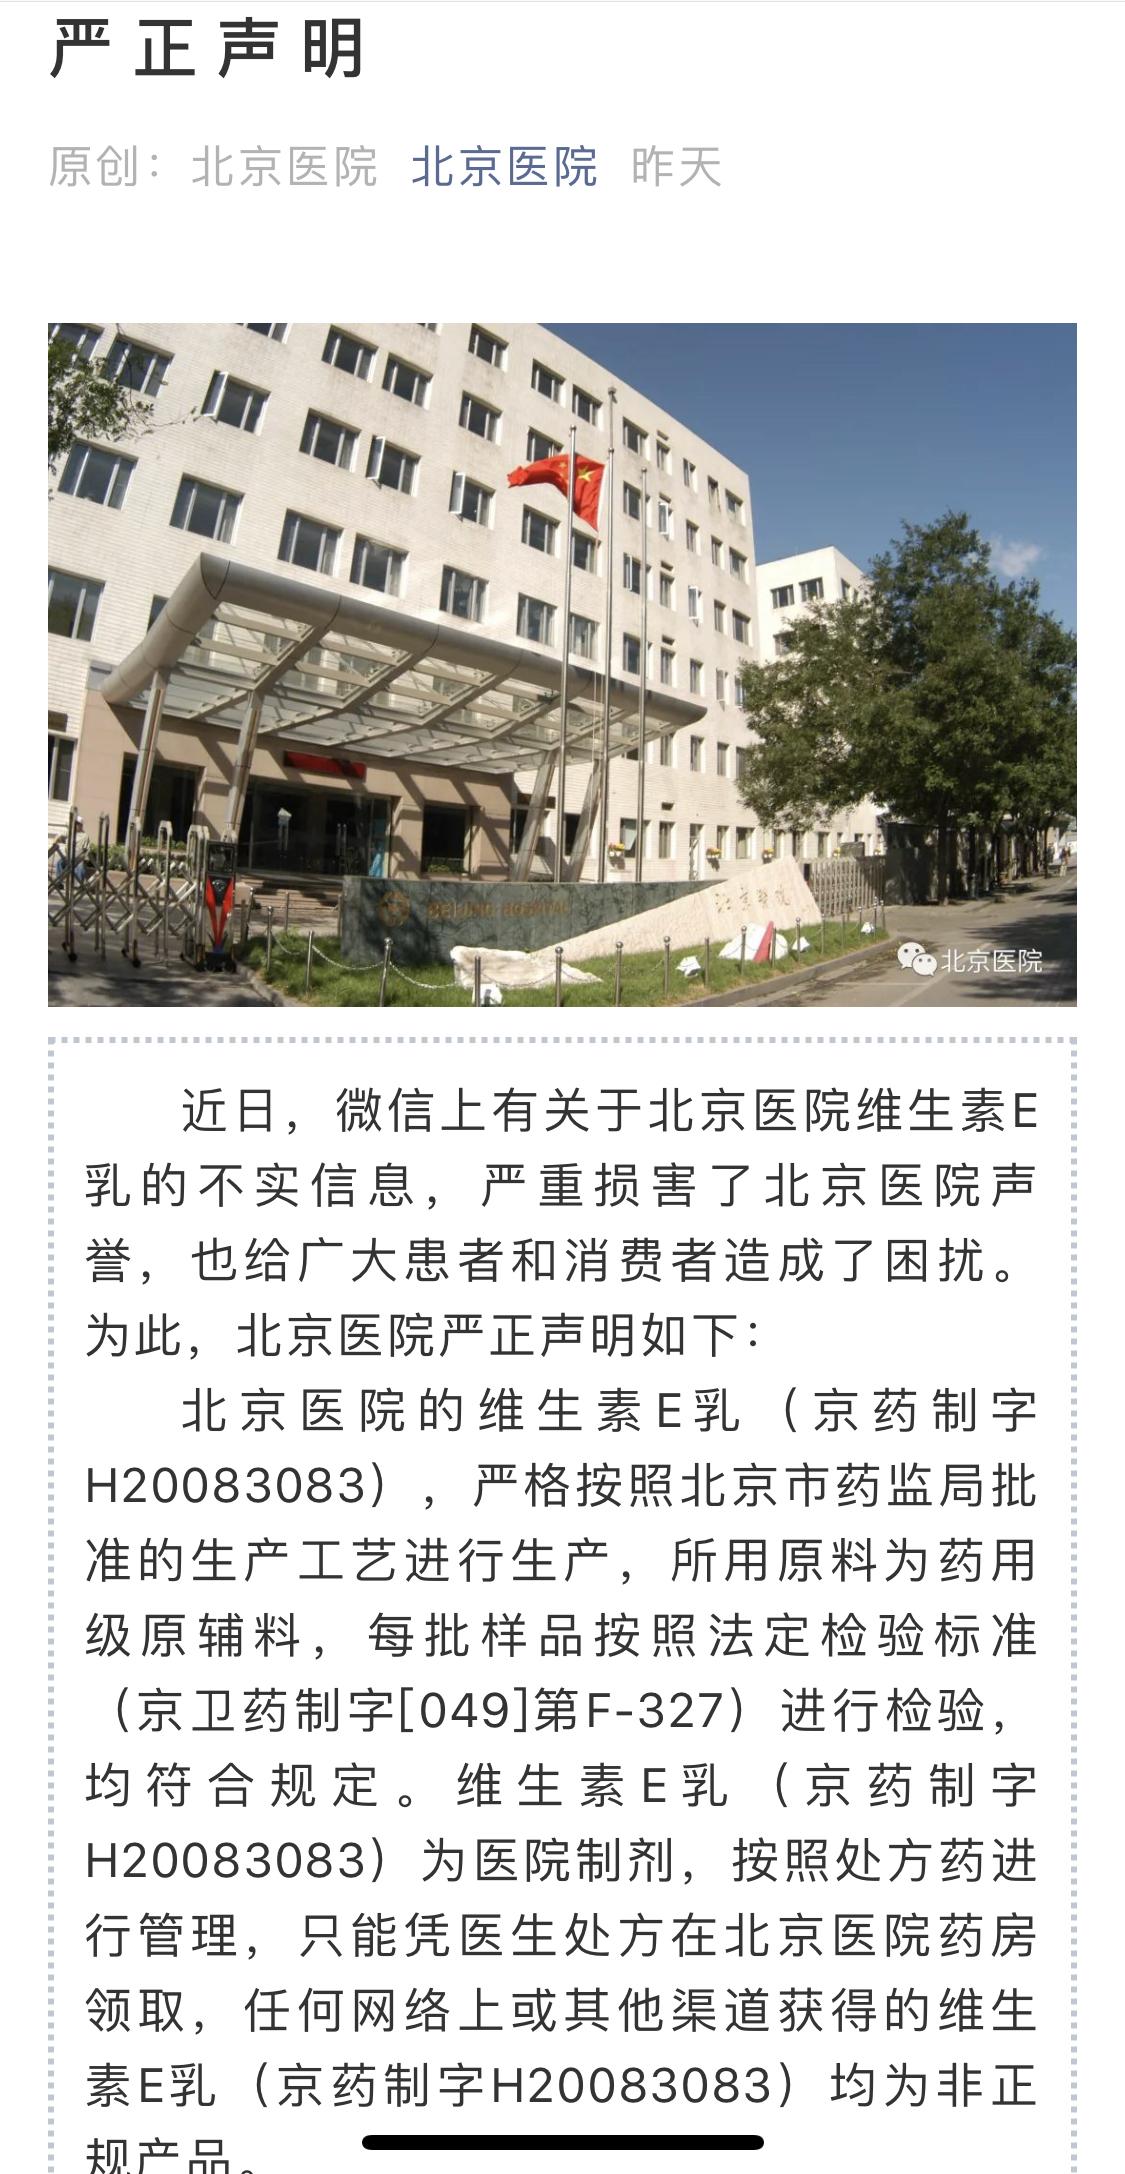 北京医院维生素E乳被指含禁用重金属 医院:内容不实